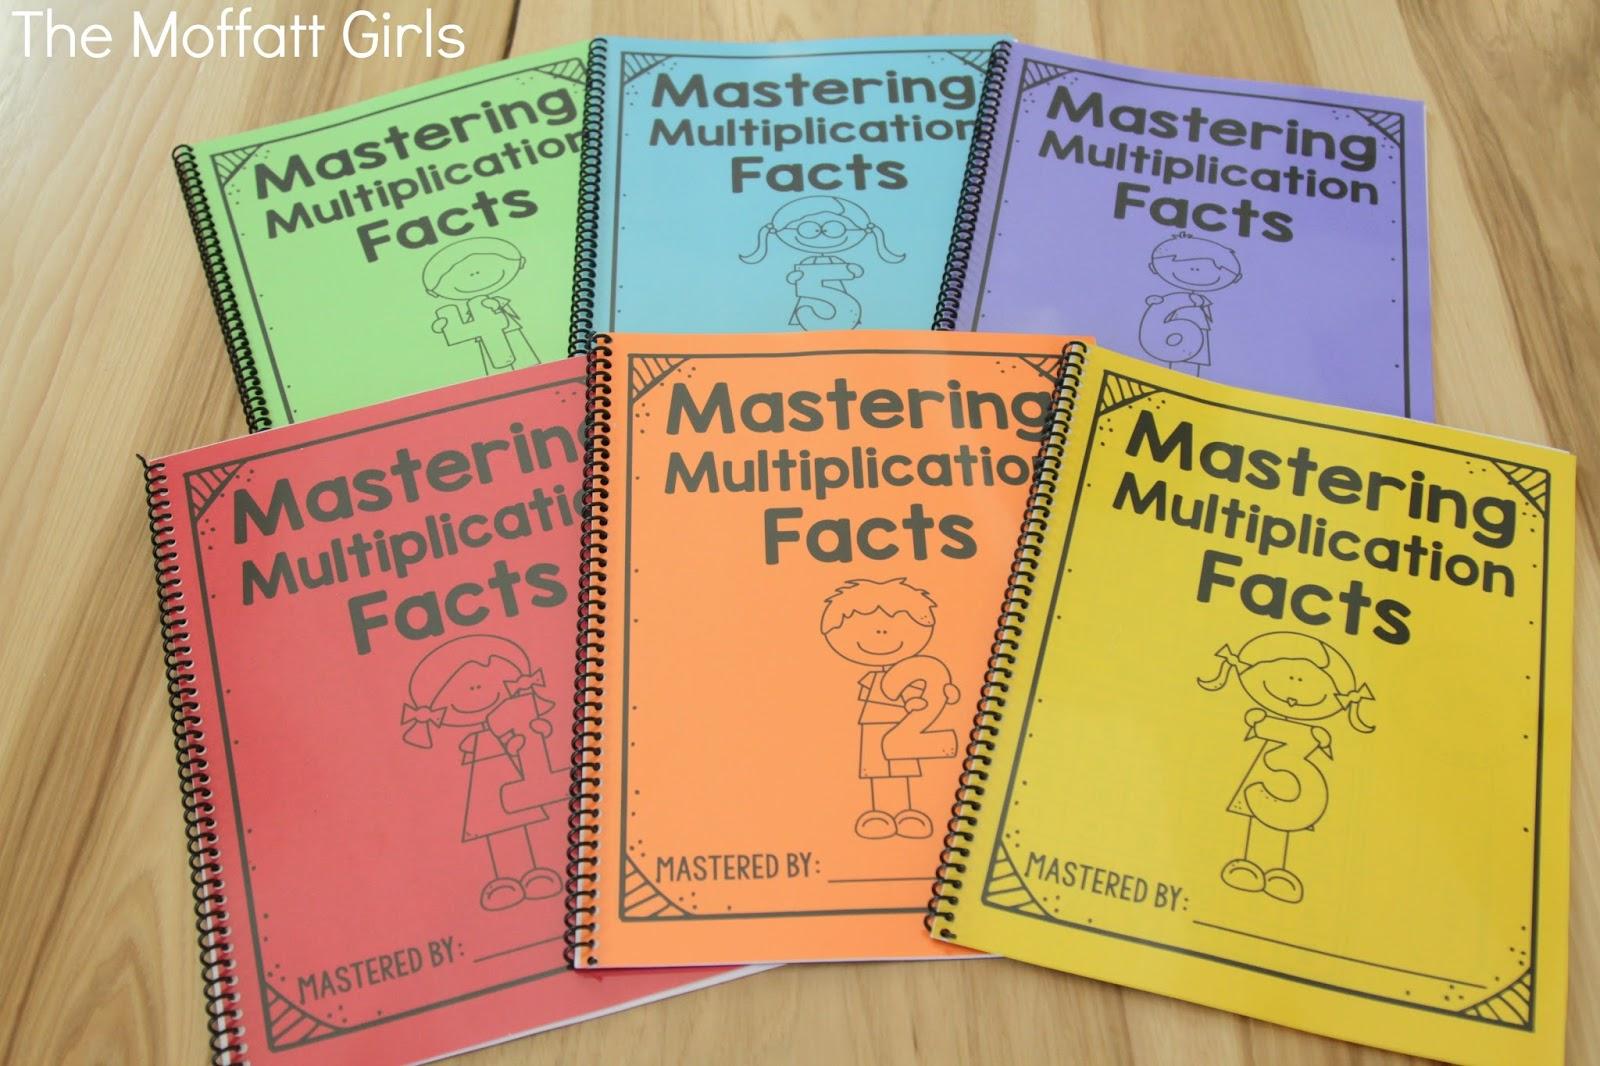 Mastering Multiplication